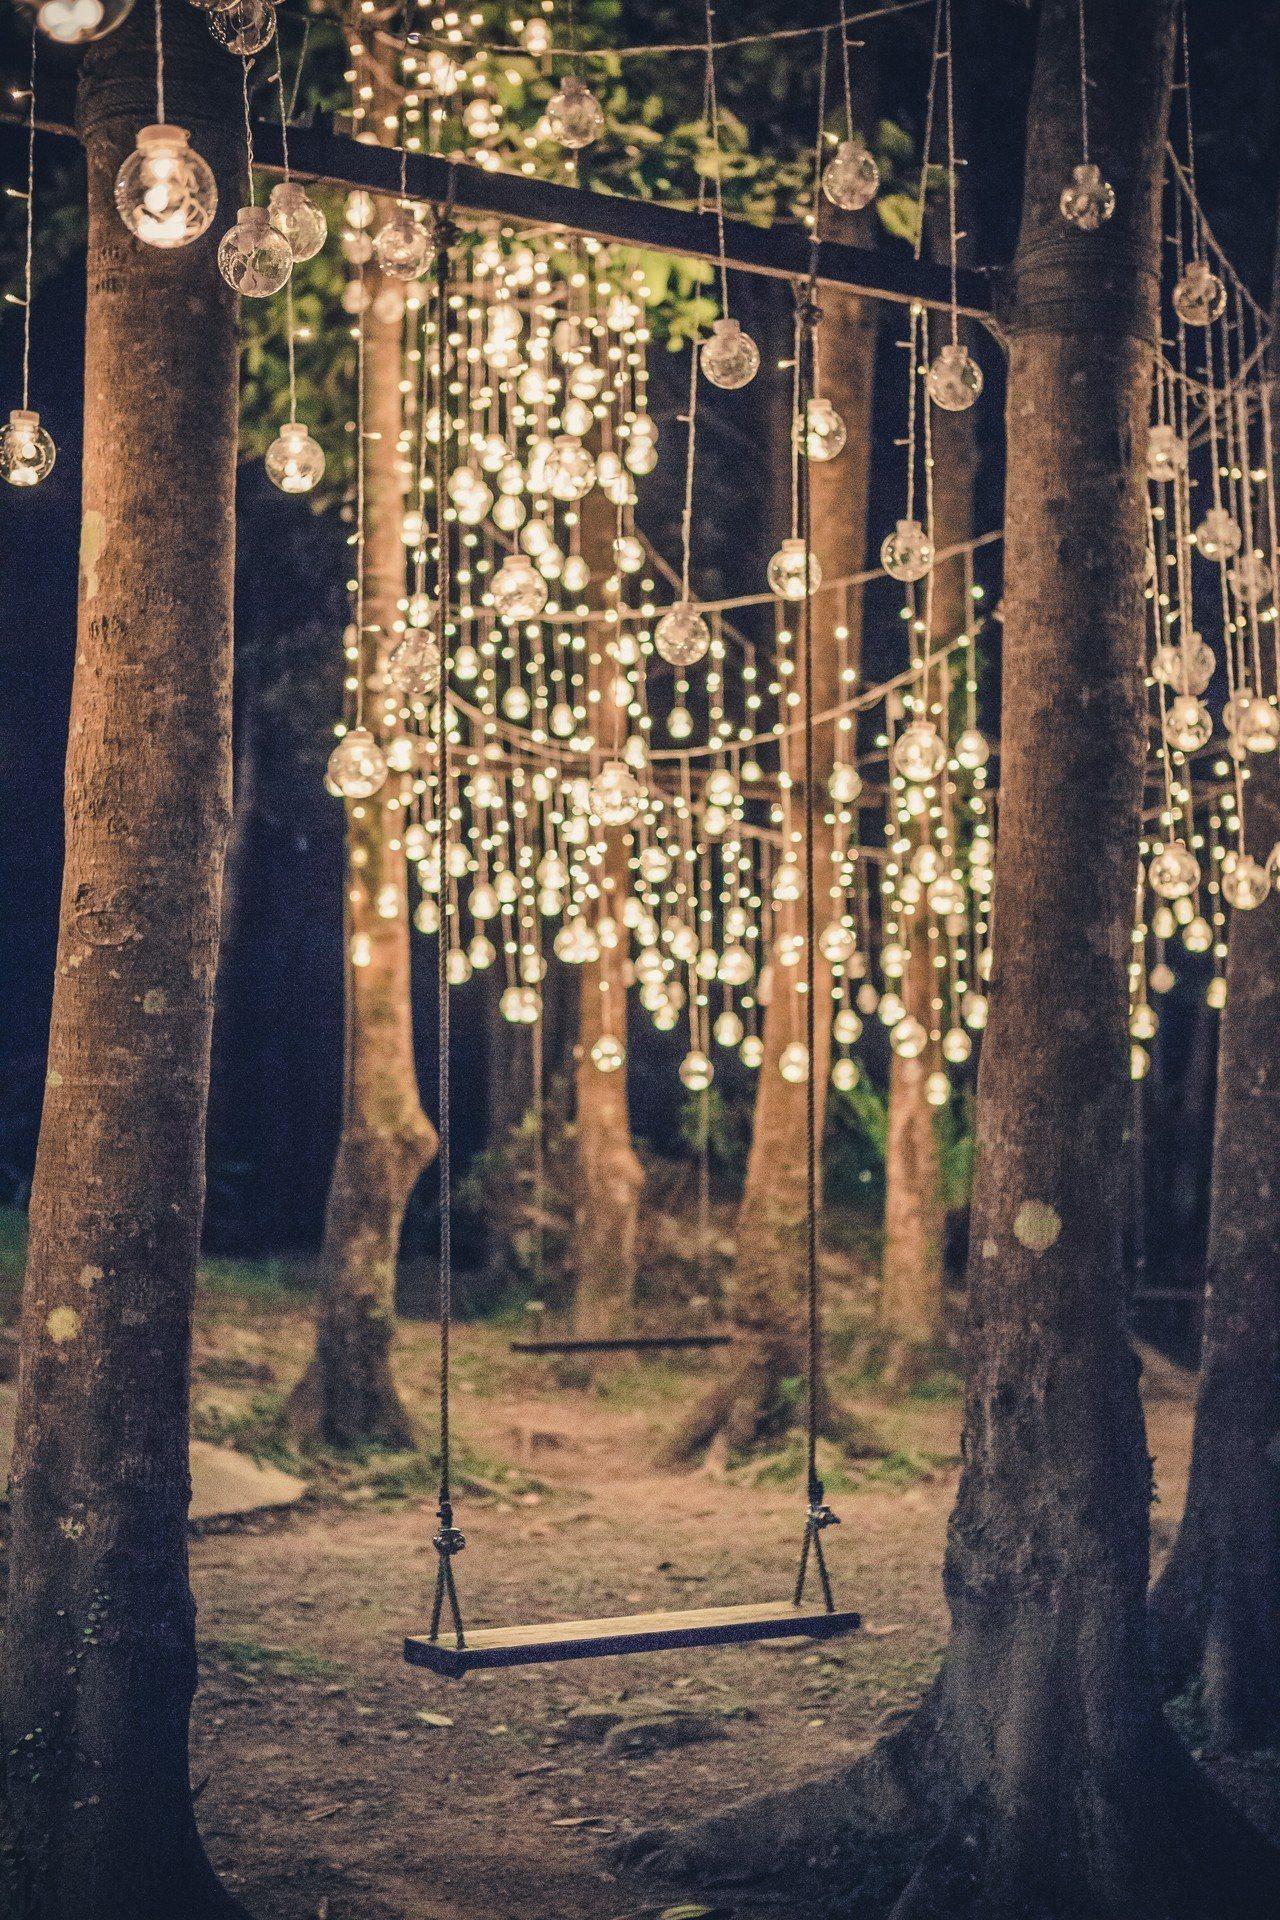 圖/精靈迷藏,拉起一整排的復古燈串,構圖畫面十分漂亮。